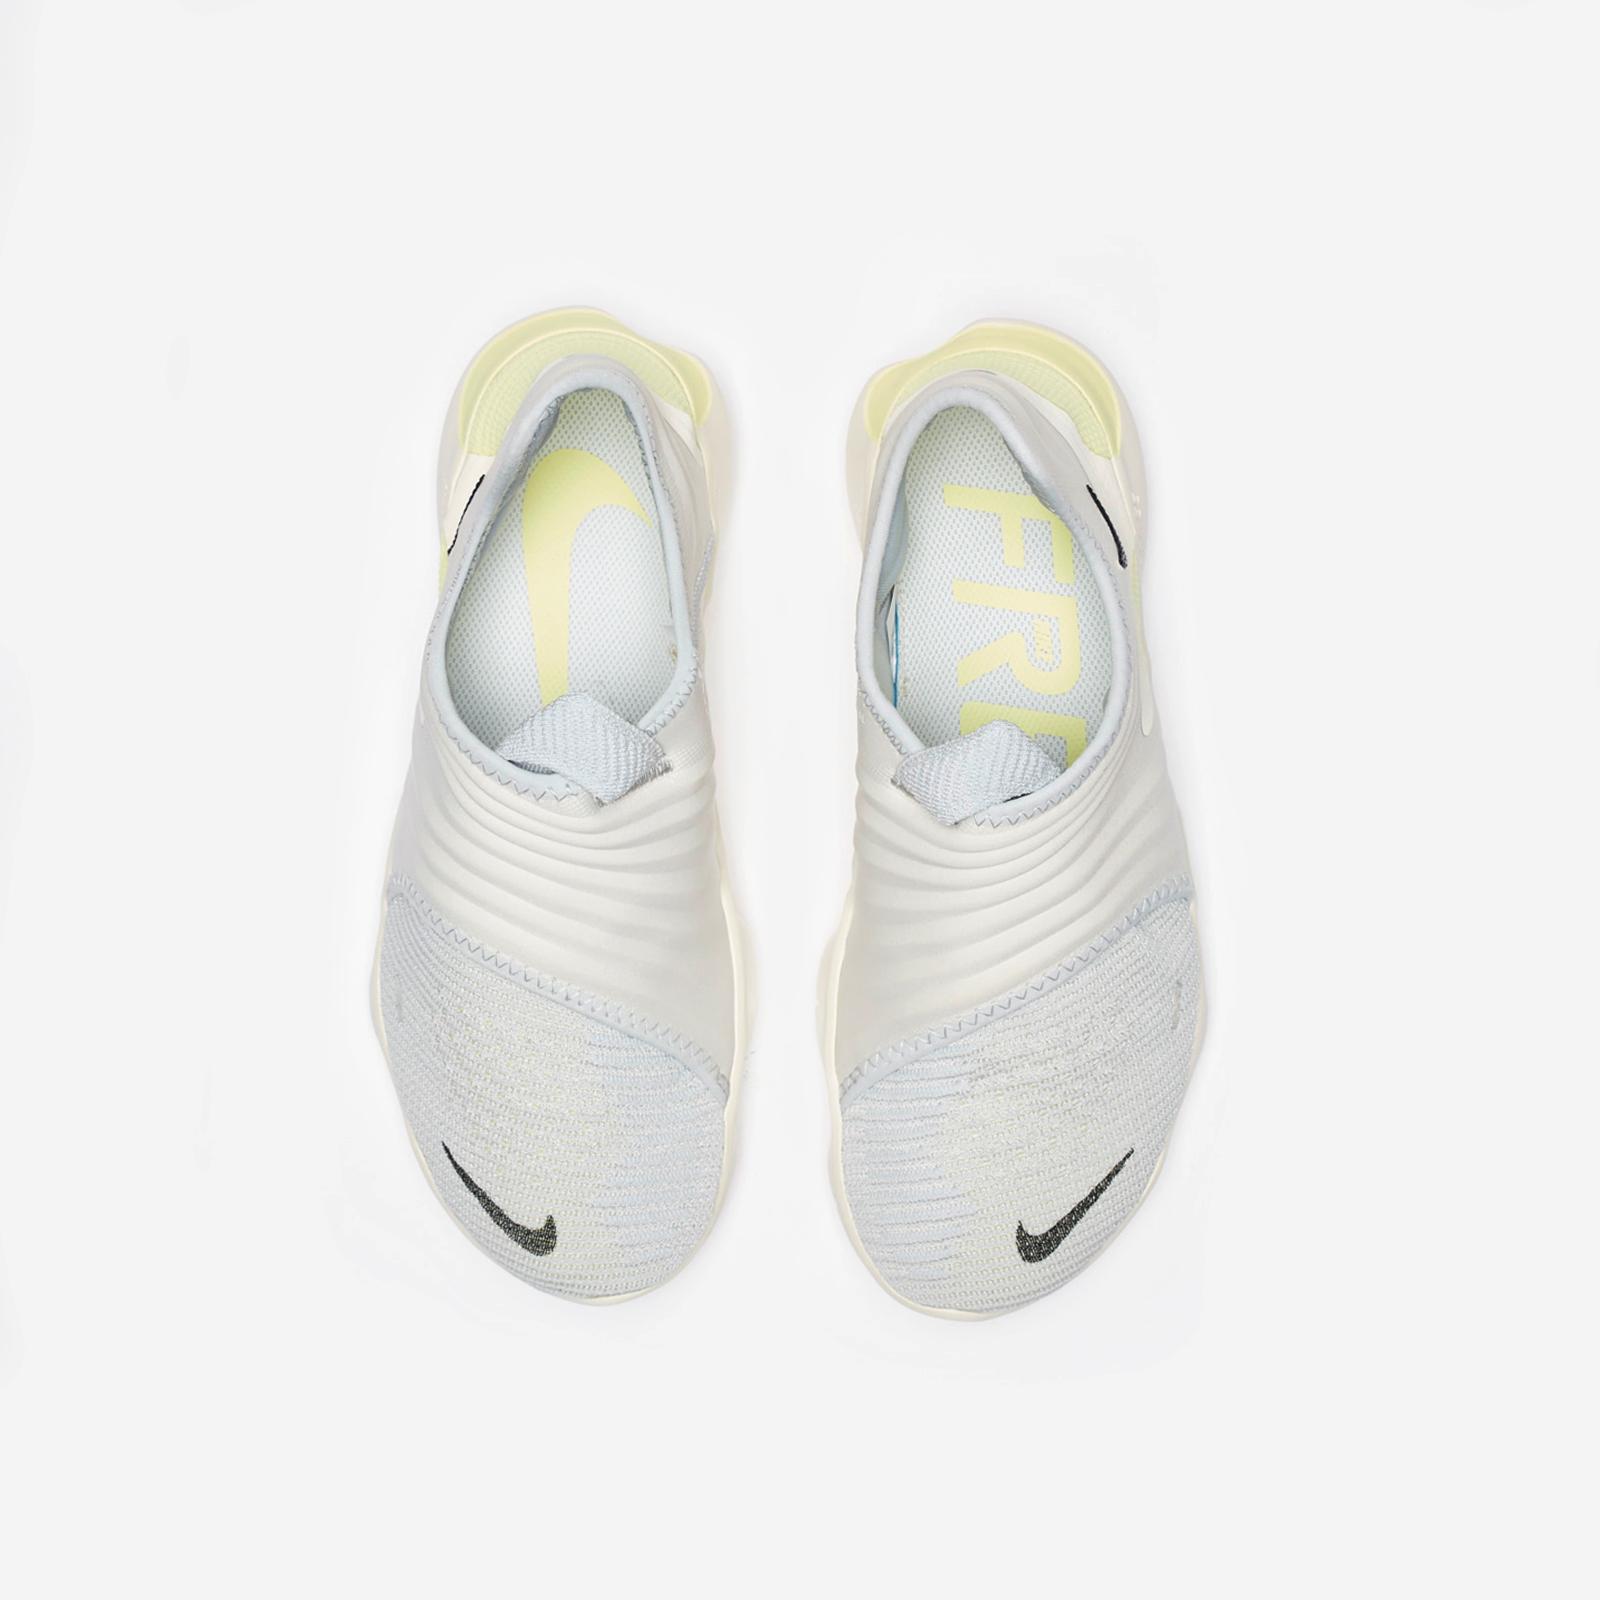 5cb47ab49380c Nike Free RN Flyknit 3.0 - Aq5707-004 - Sneakersnstuff